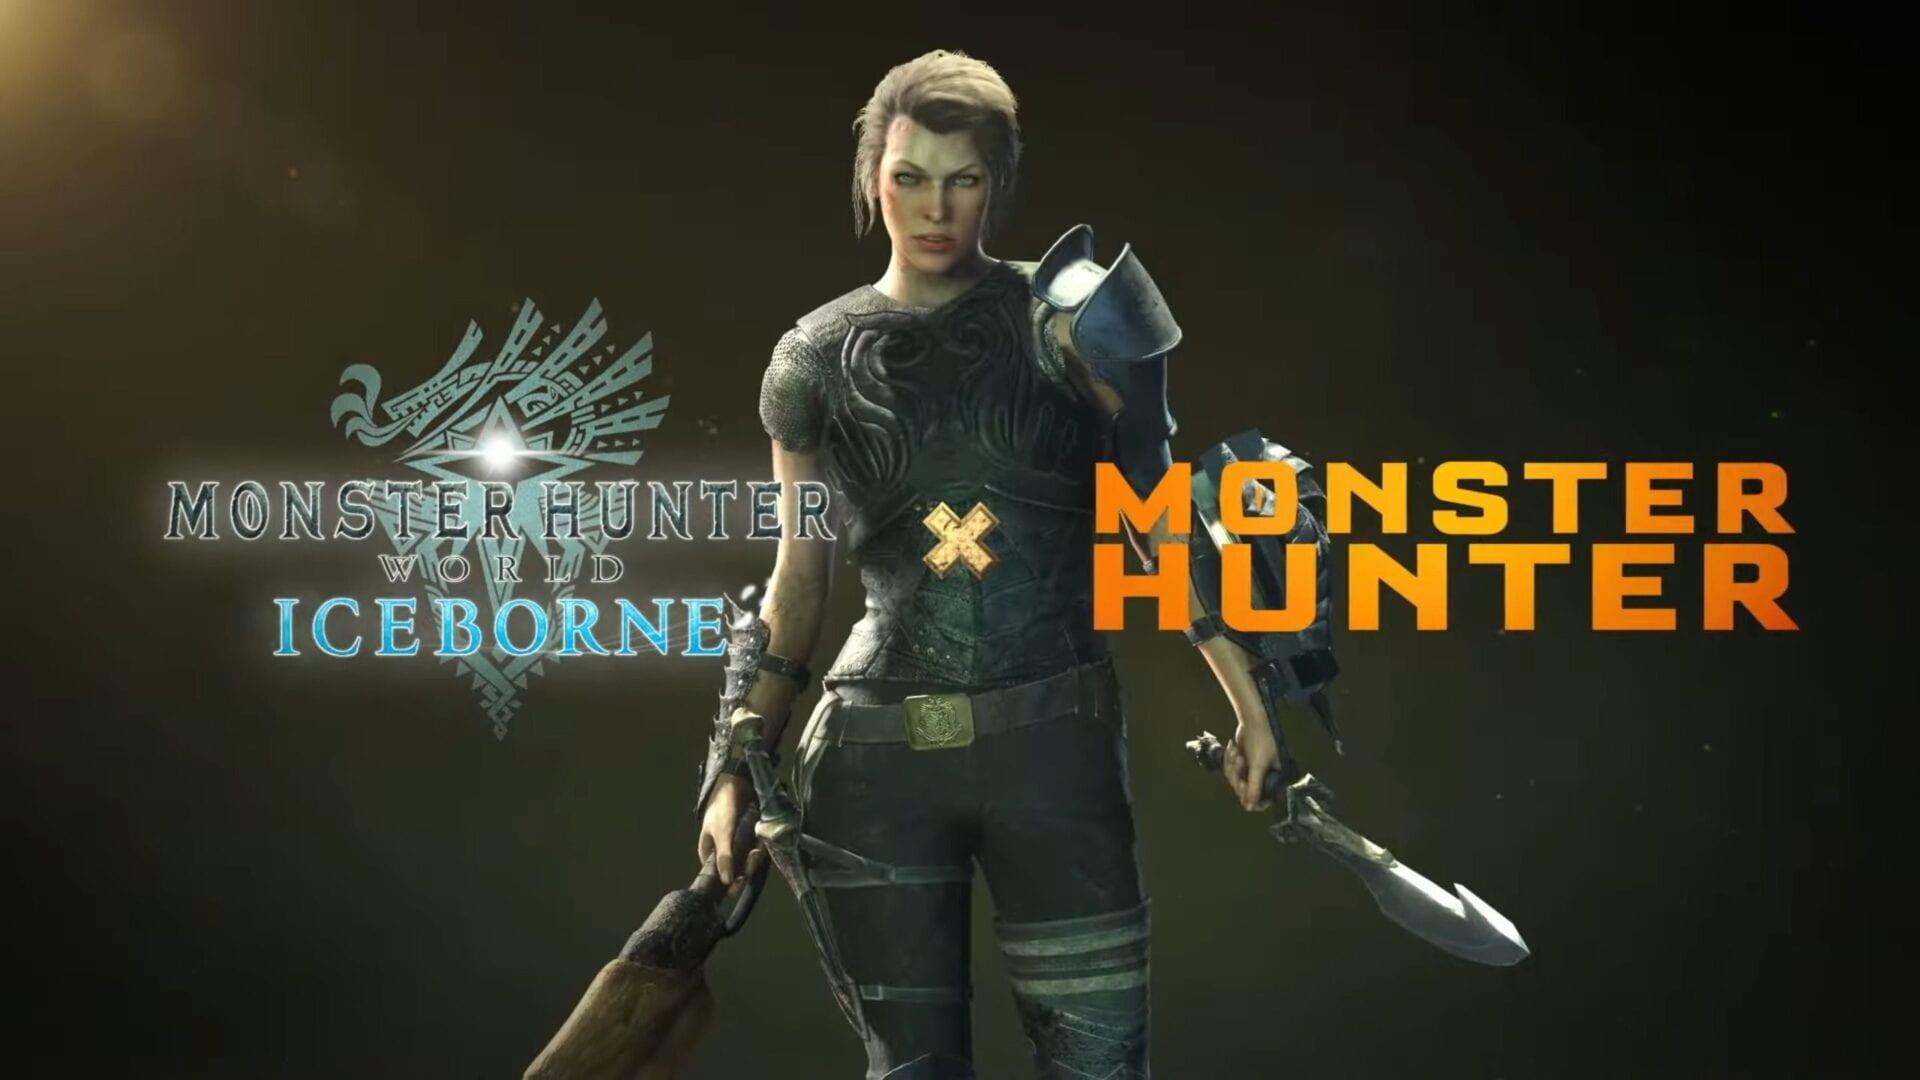 Monster Hunter World: Iceborne Reveals Monster Hunter Movie Content material 1